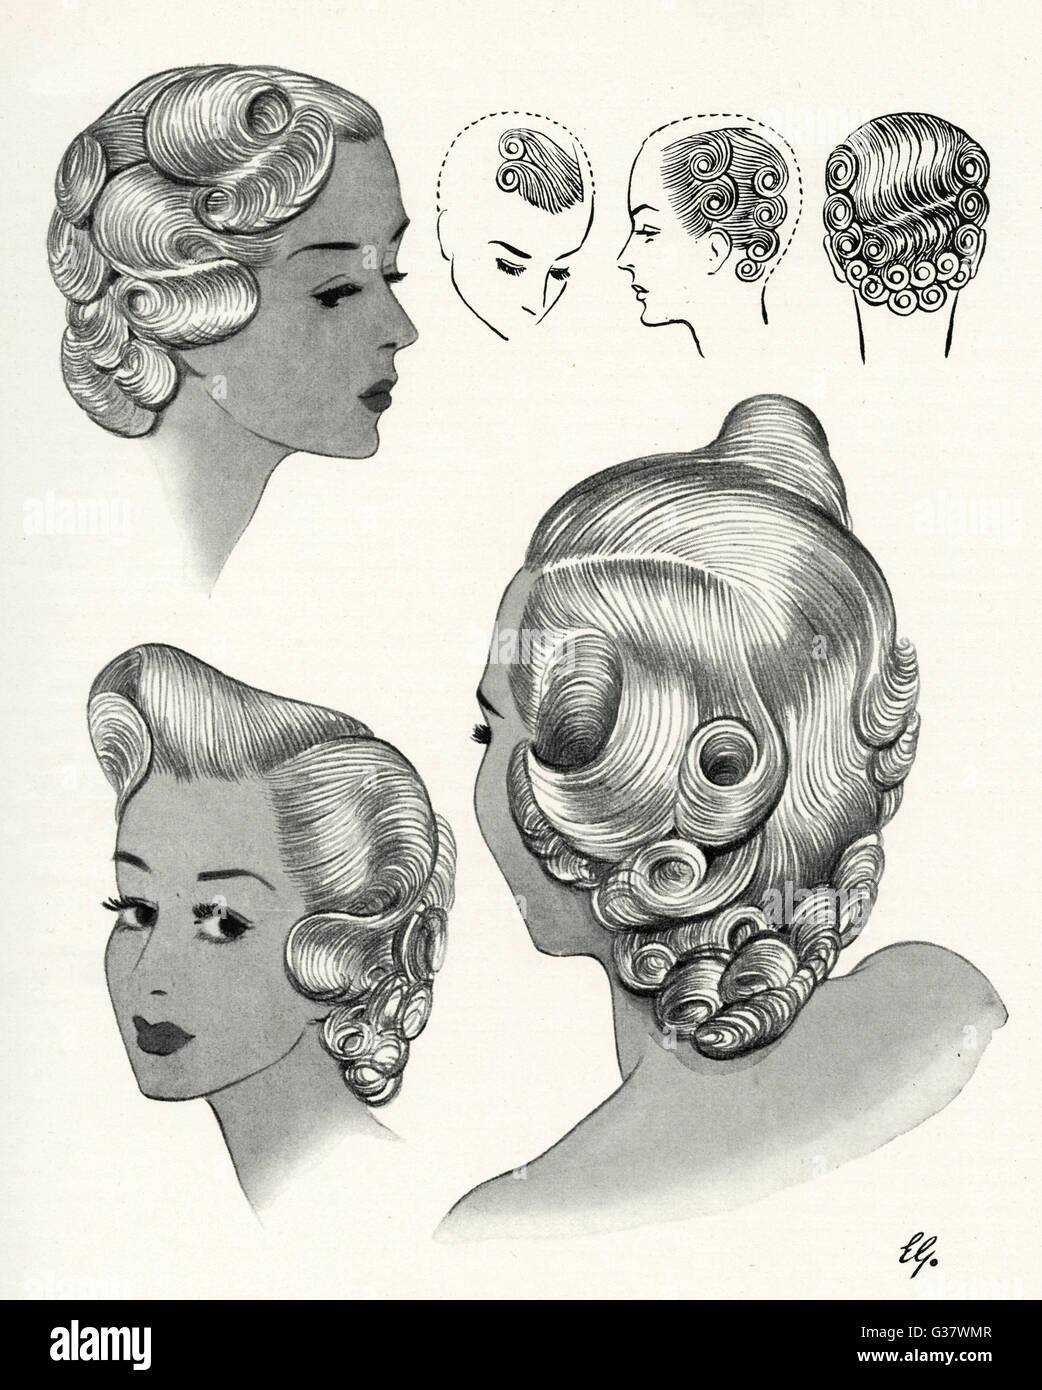 Nett 1940er Partykleider Ideen - Hochzeit Kleid Stile Ideen ...